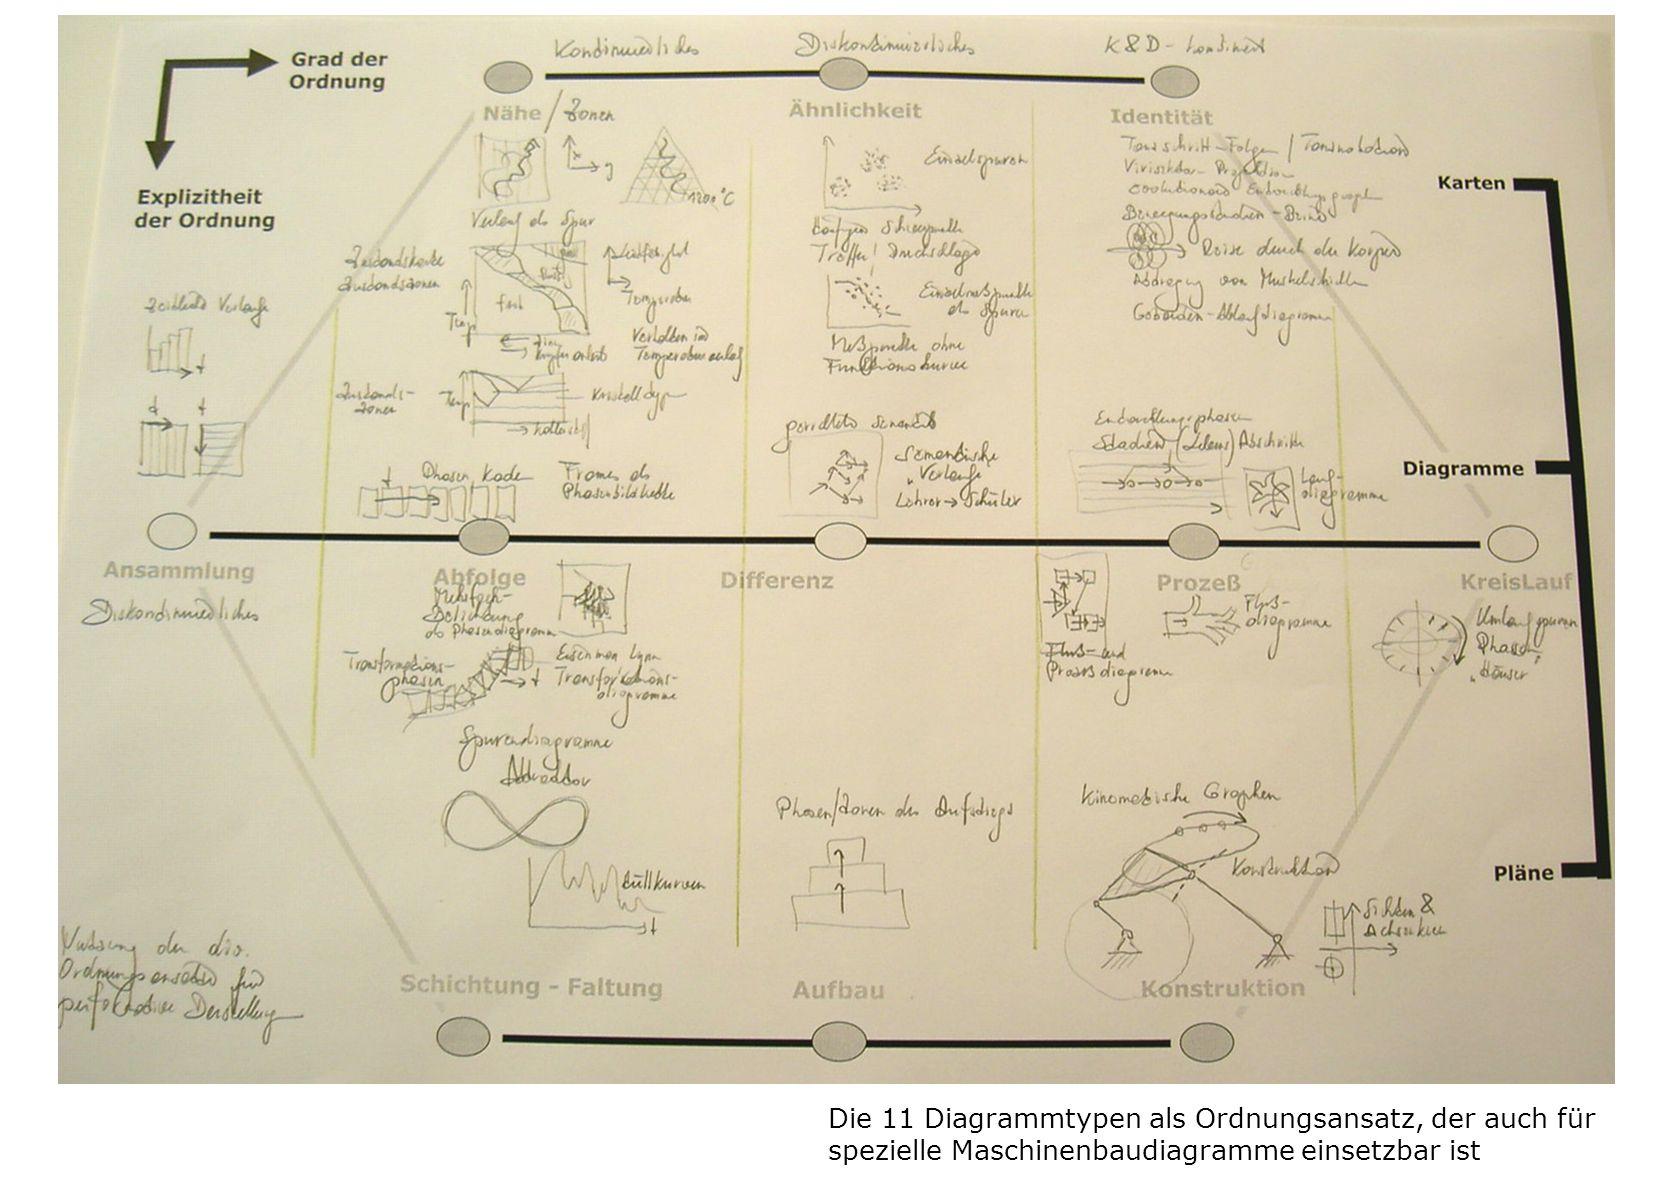 Die 11 Diagrammtypen als Ordnungsansatz, der auch für spezielle Maschinenbaudiagramme einsetzbar ist